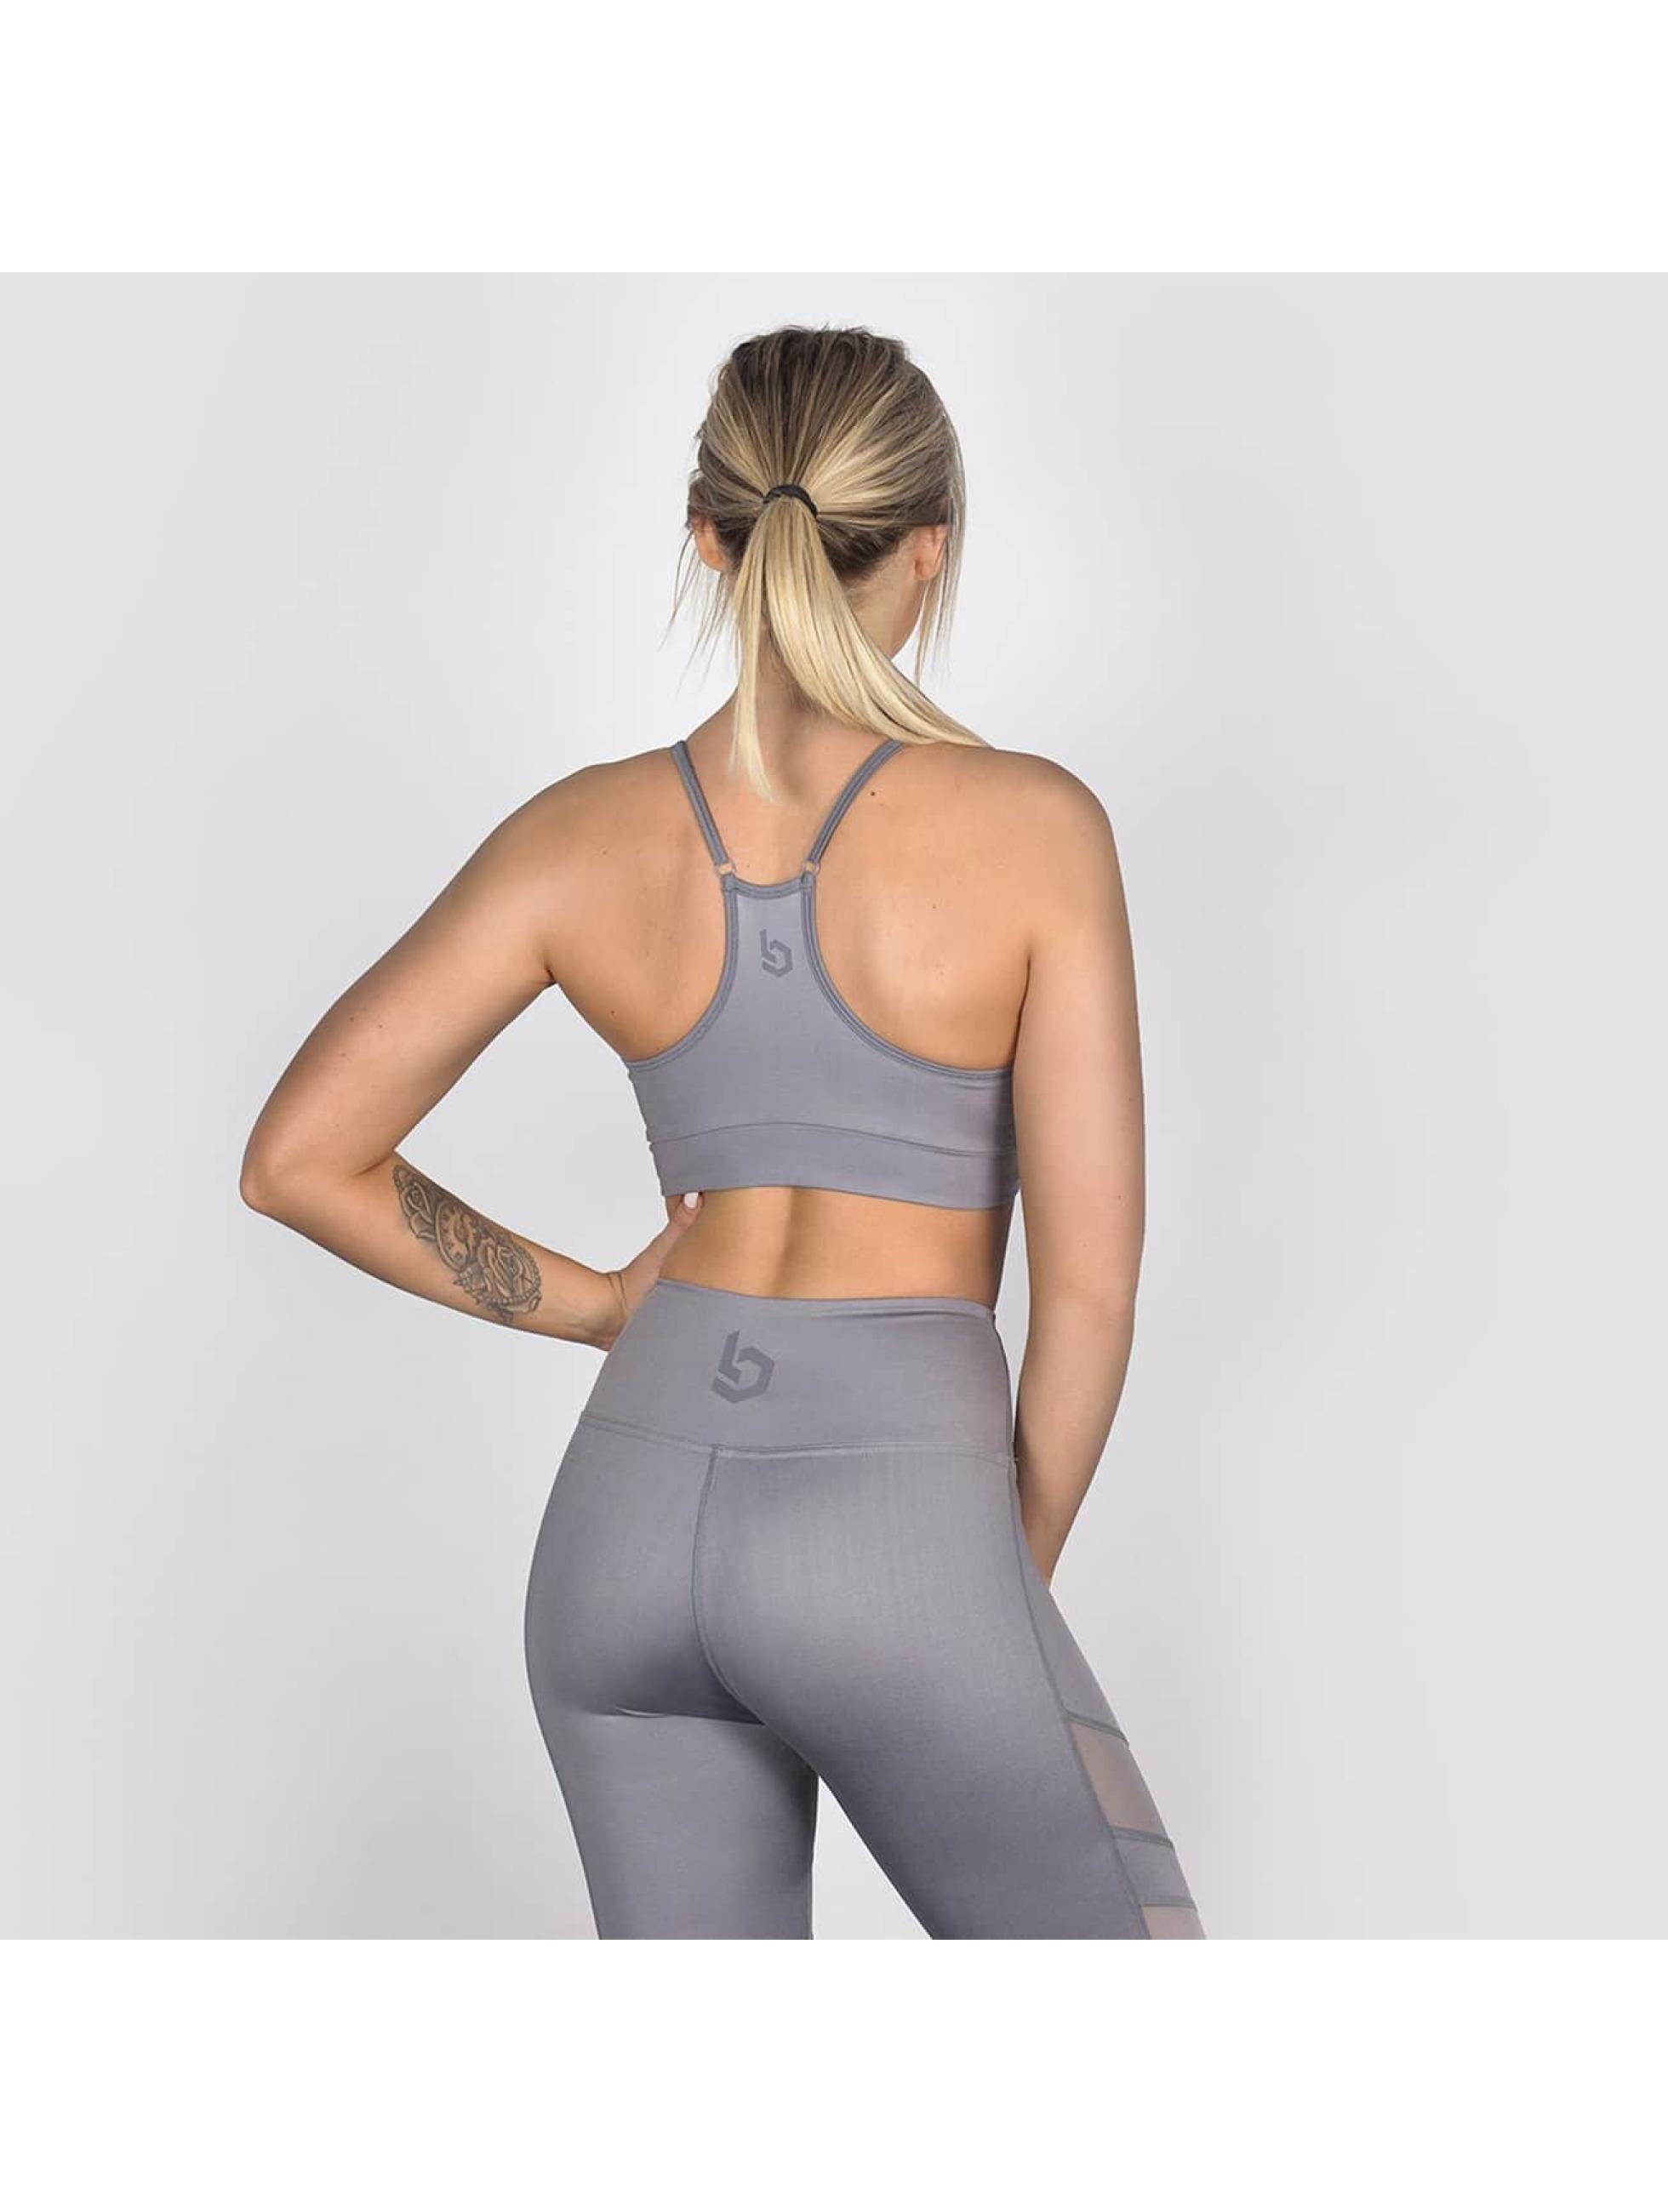 Beyond Limits Underwear Triangle grå